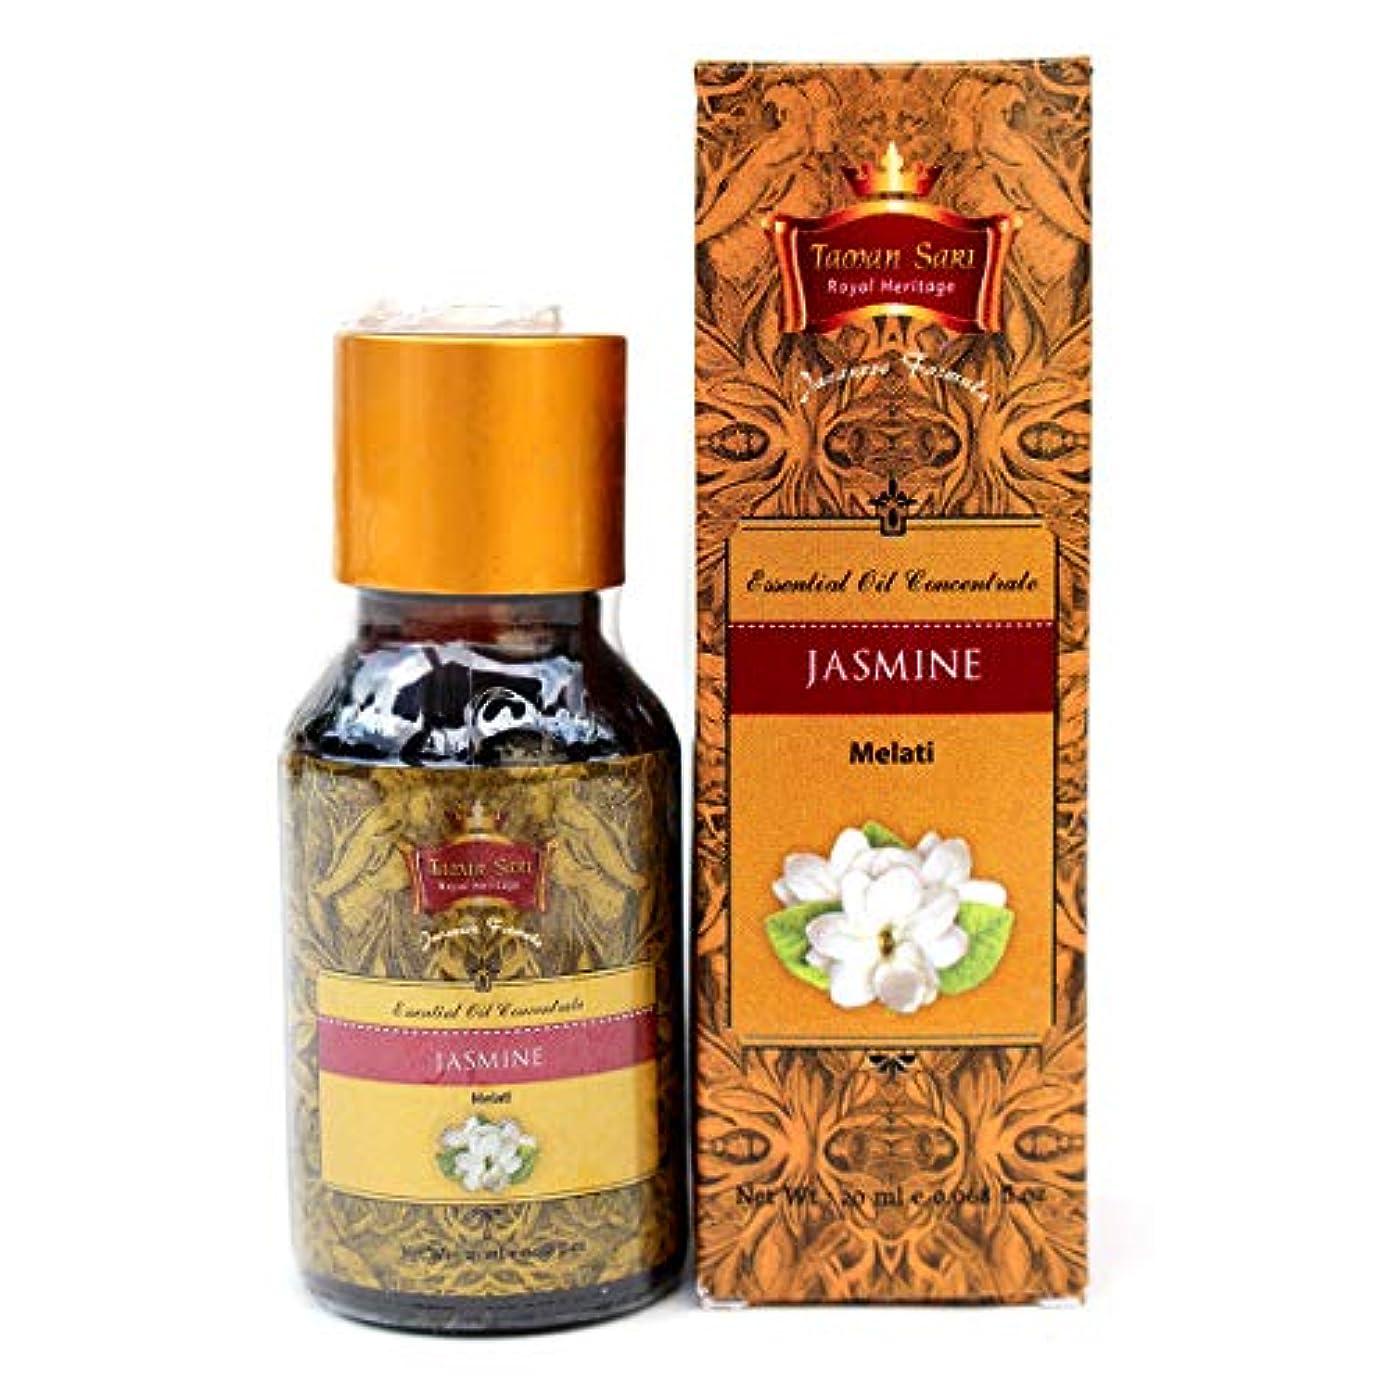 超える不要買収Taman Sari タマンサリ エッセンシャルオイル ムスティカラトゥ高級スパブランド Jasmine ジャスミン 20ml